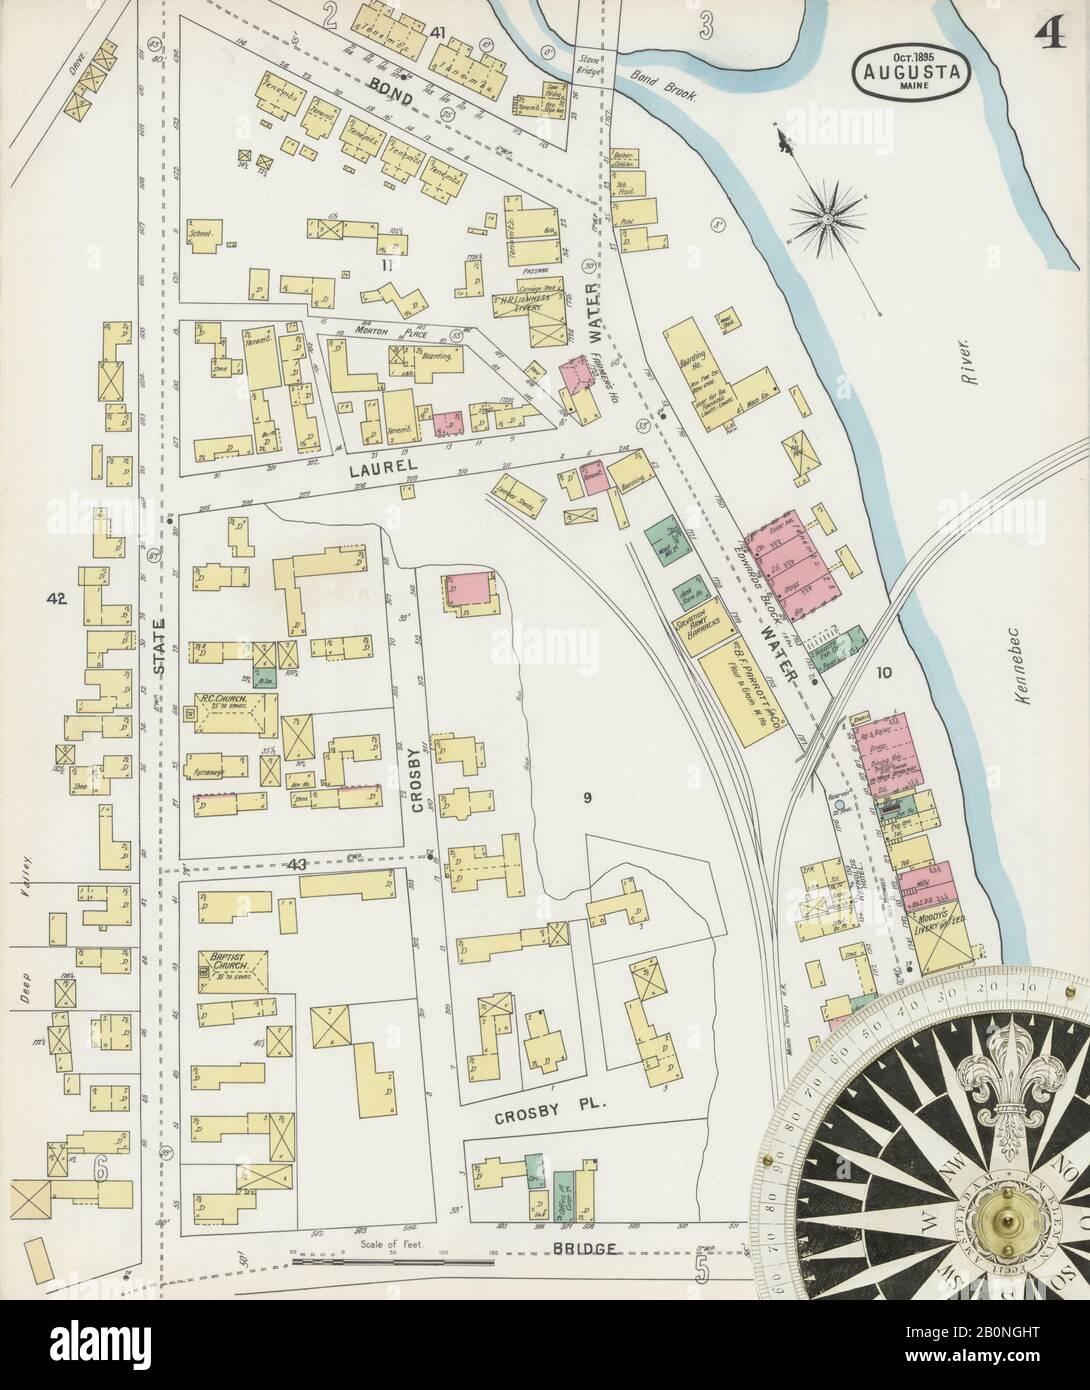 Image 4 De La Carte D'Assurance-Incendie Sanborn D'Augusta, Comté De Kennebec, Maine. Oct 1895. 13 feuille(s), Amérique, plan de rue avec compas du XIXe siècle Banque D'Images